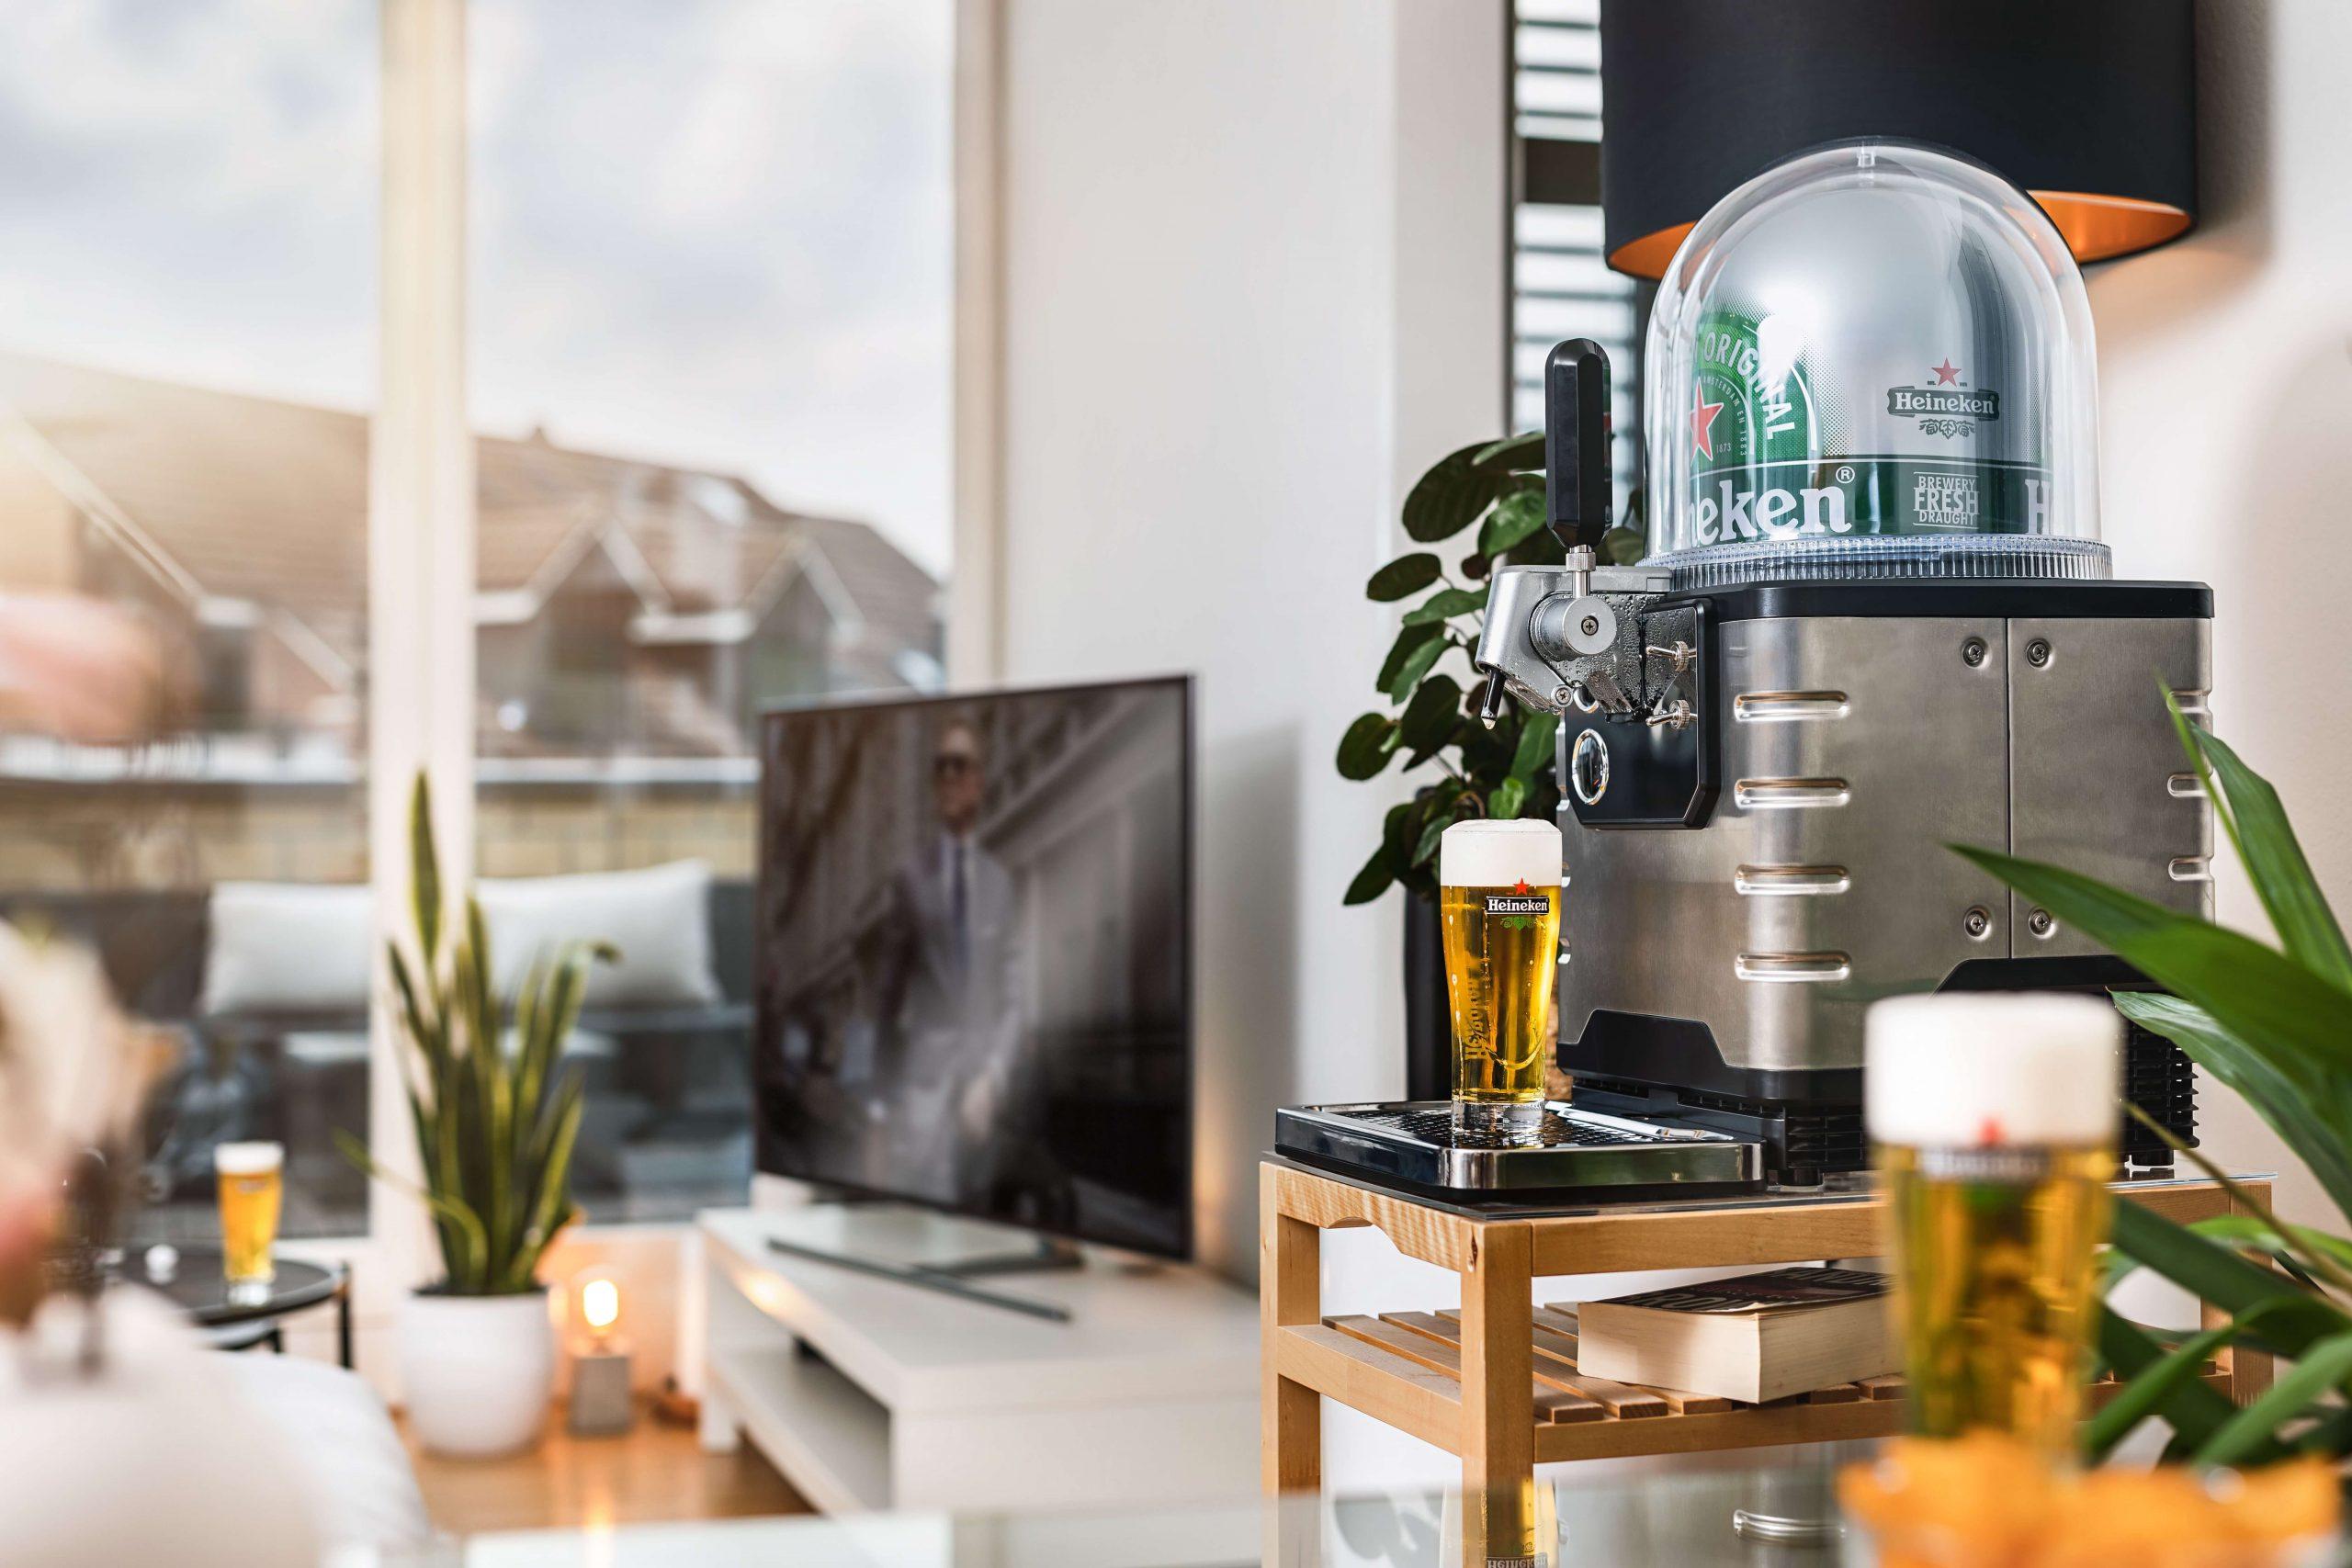 Heineken Blade Biertap - Thuistap met 8 liter fusten